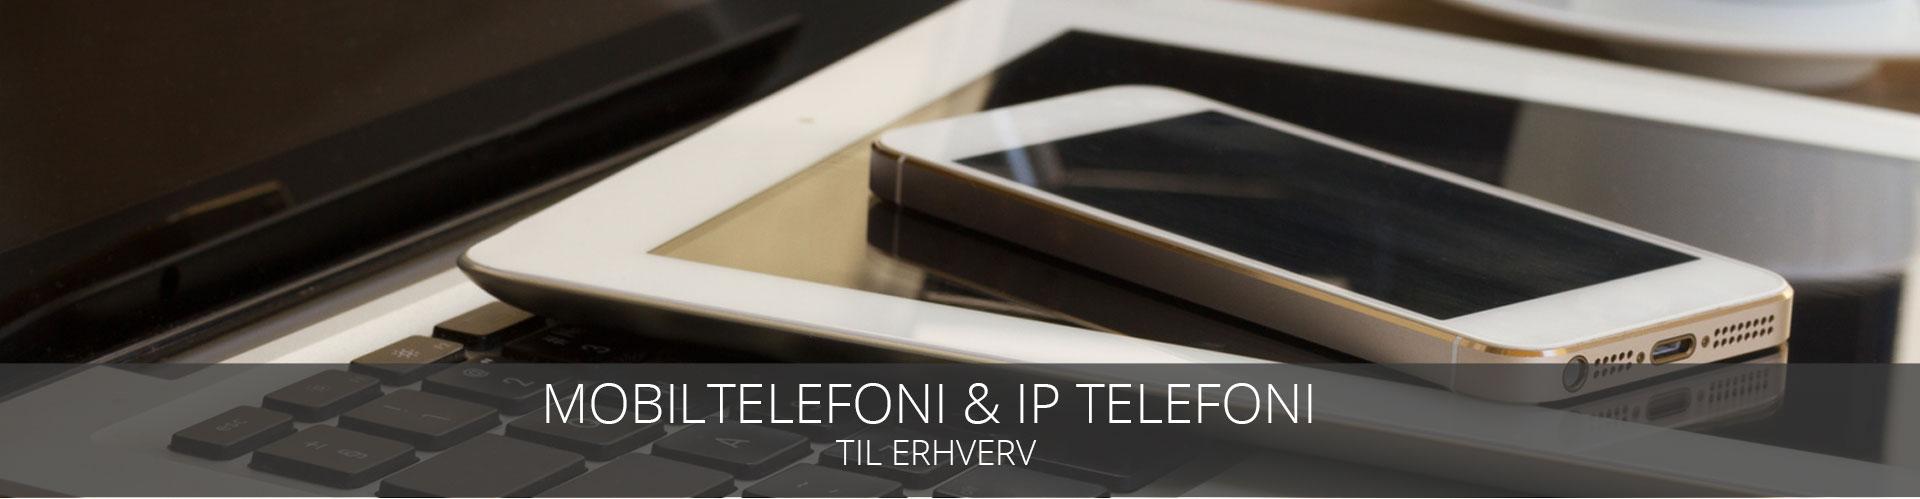 mobiltelefoni-unicom